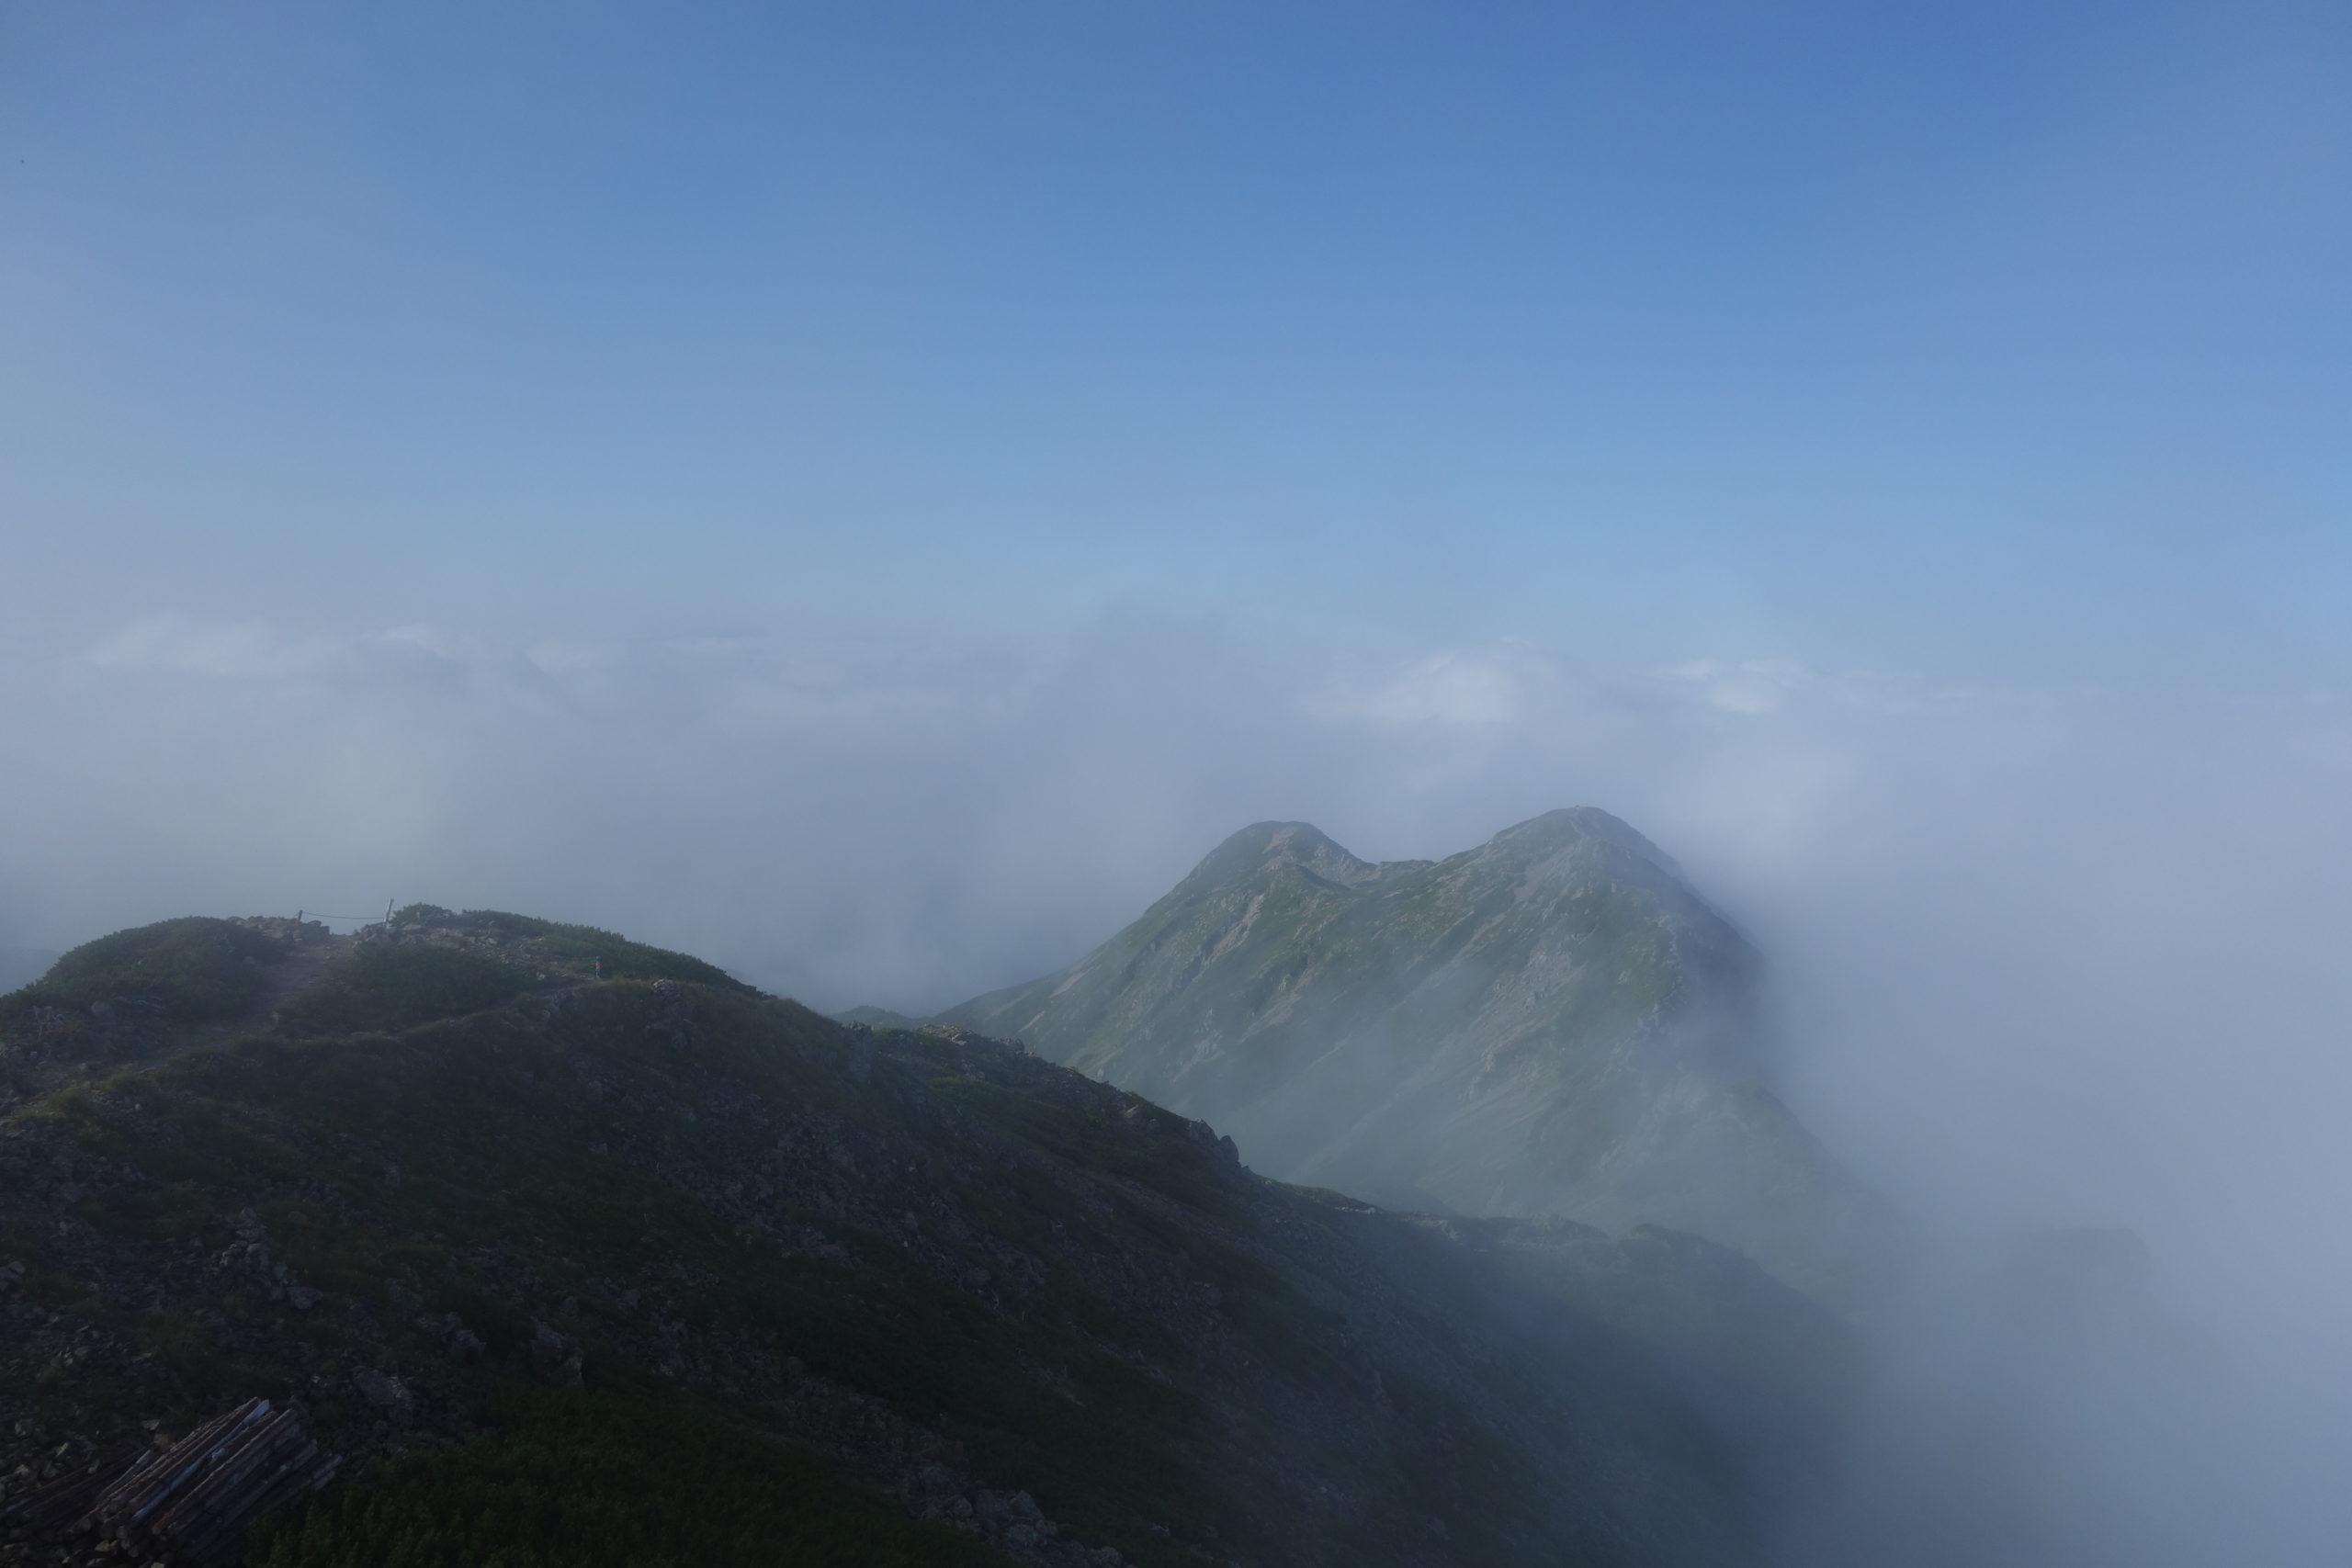 仙丈ケ岳 仙丈ケ岳山頂からの景色